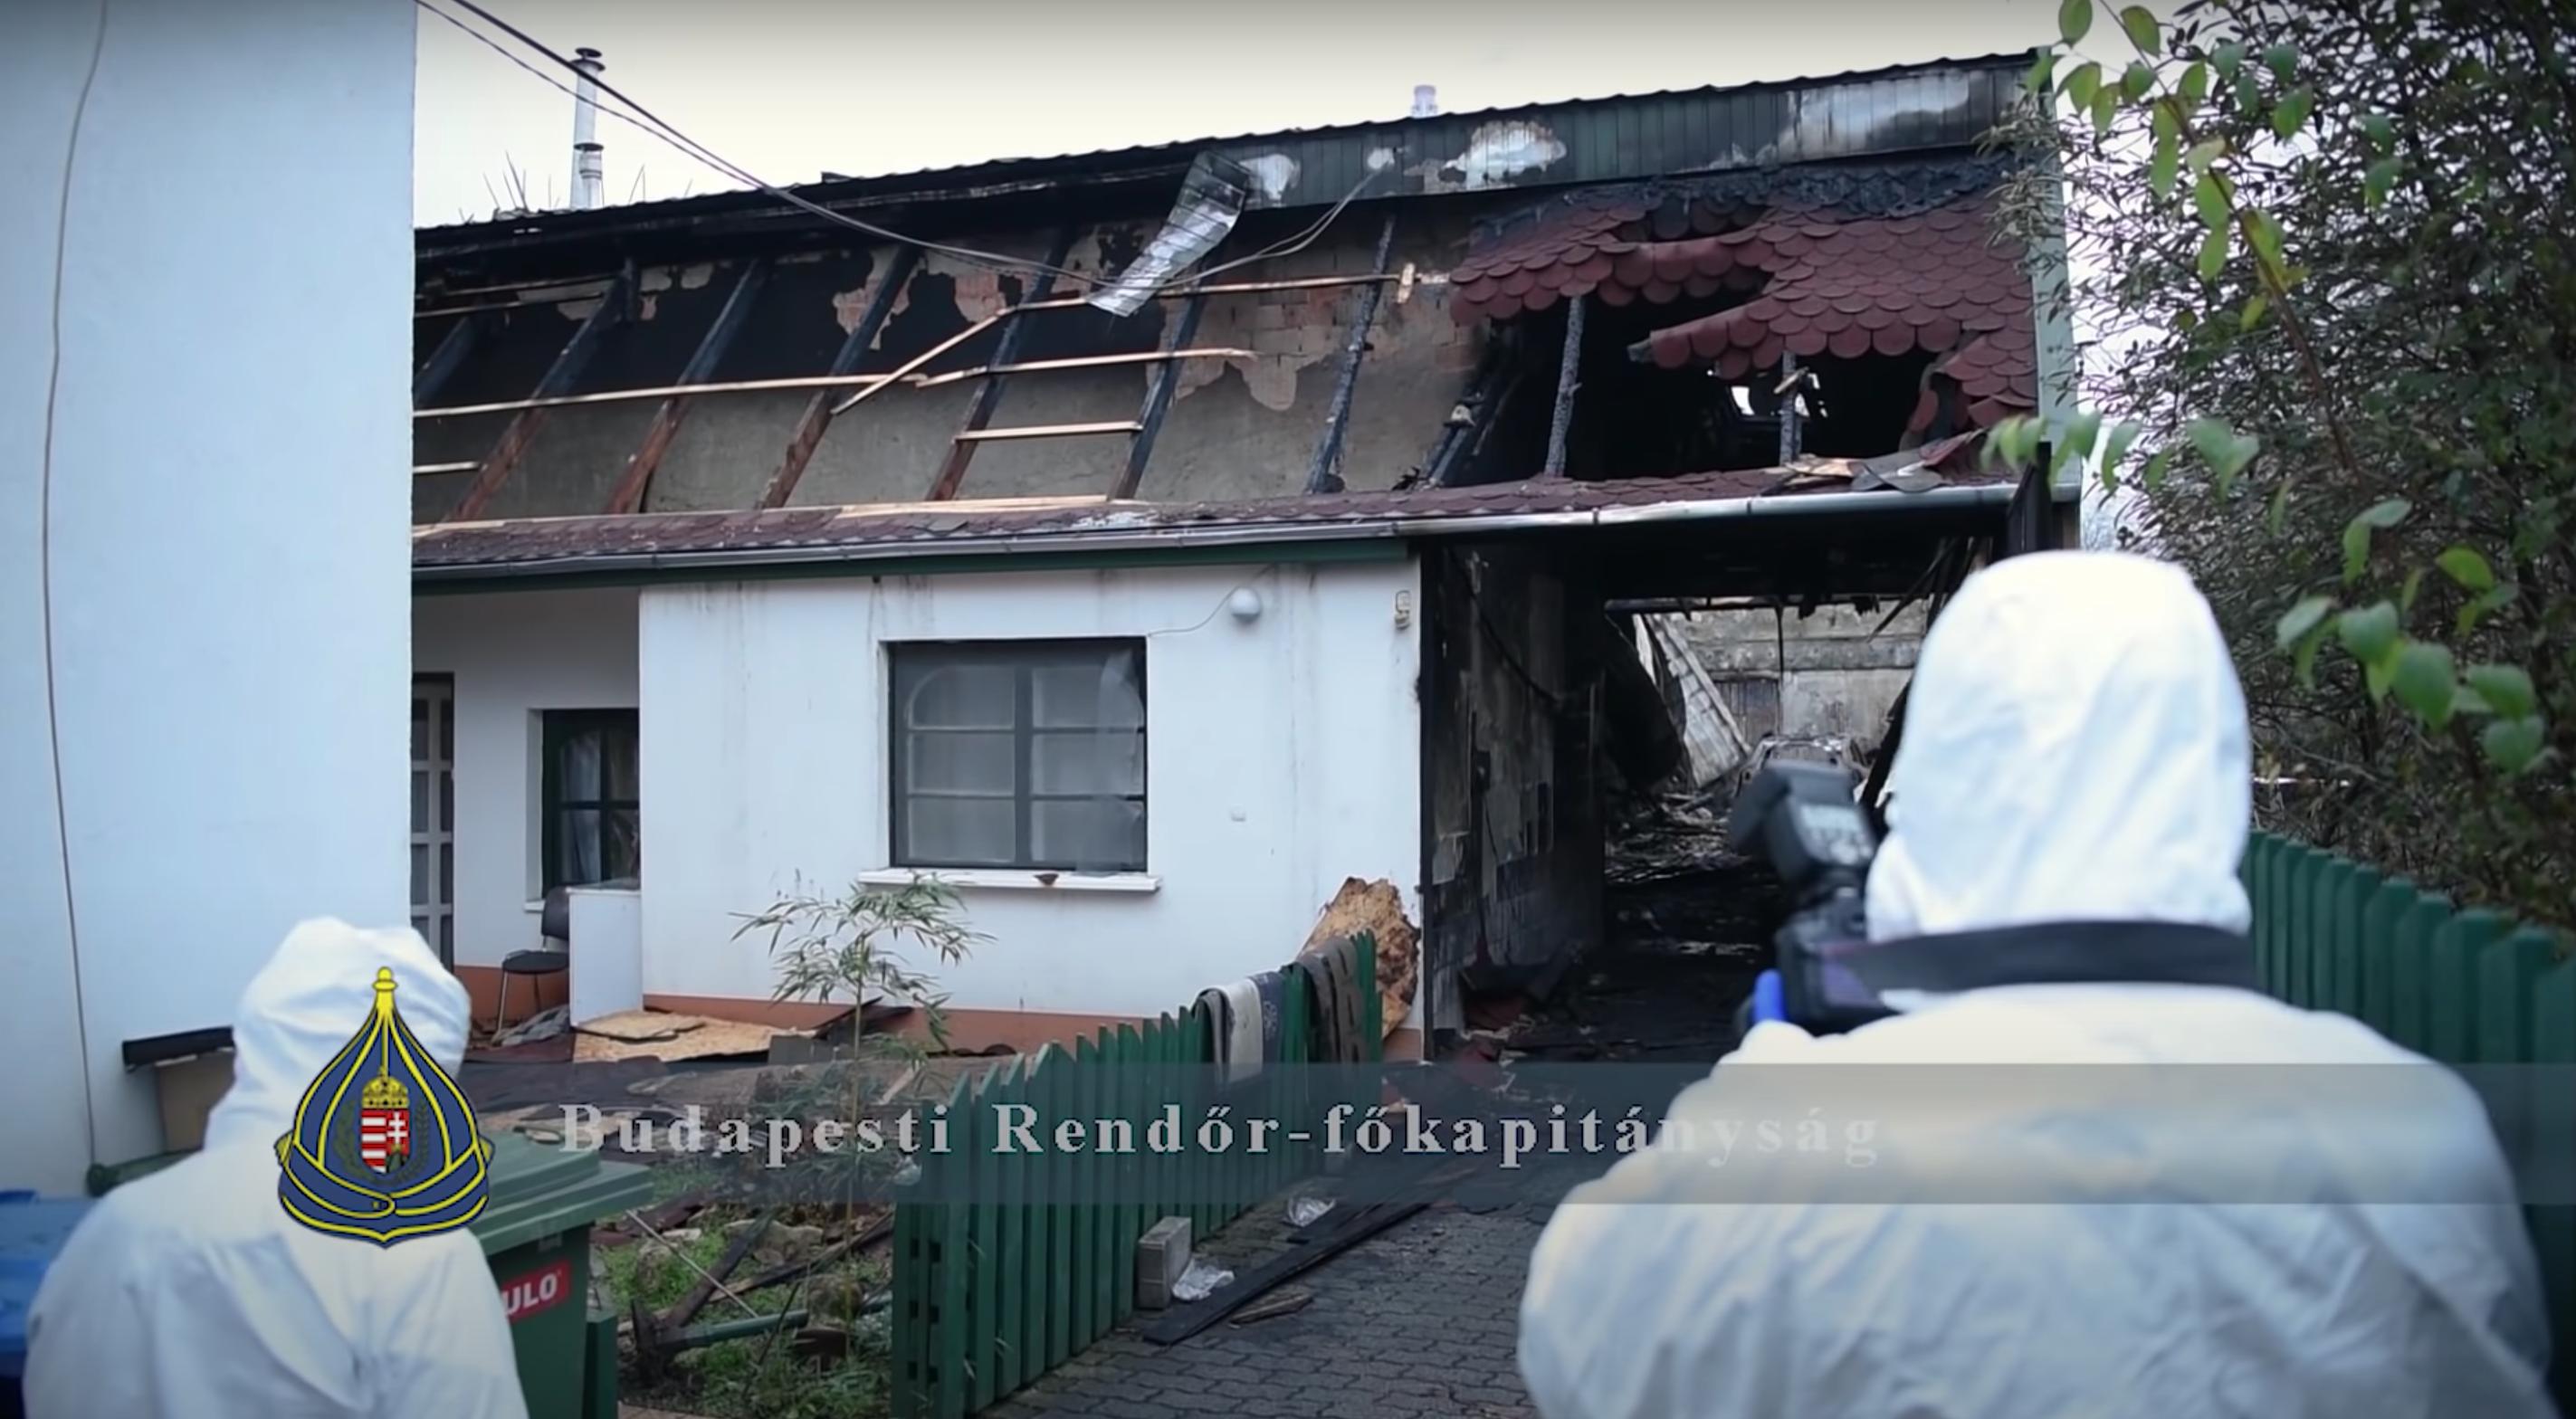 Napokigzaklatta a tetőn talált kisfiú nagyszüleit a férfi, aki aztán rájuk gyújtotta a házat